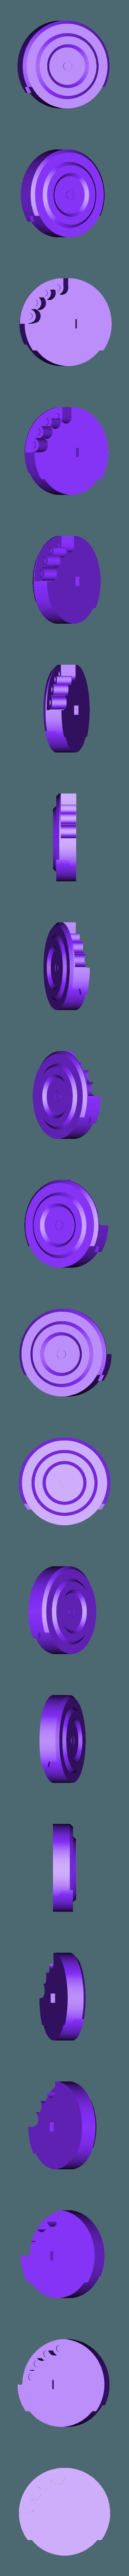 Drum_Back.stl Télécharger fichier STL gratuit Borderlands Bandit Room Clener Shotgun • Modèle pour impression 3D, Dsk